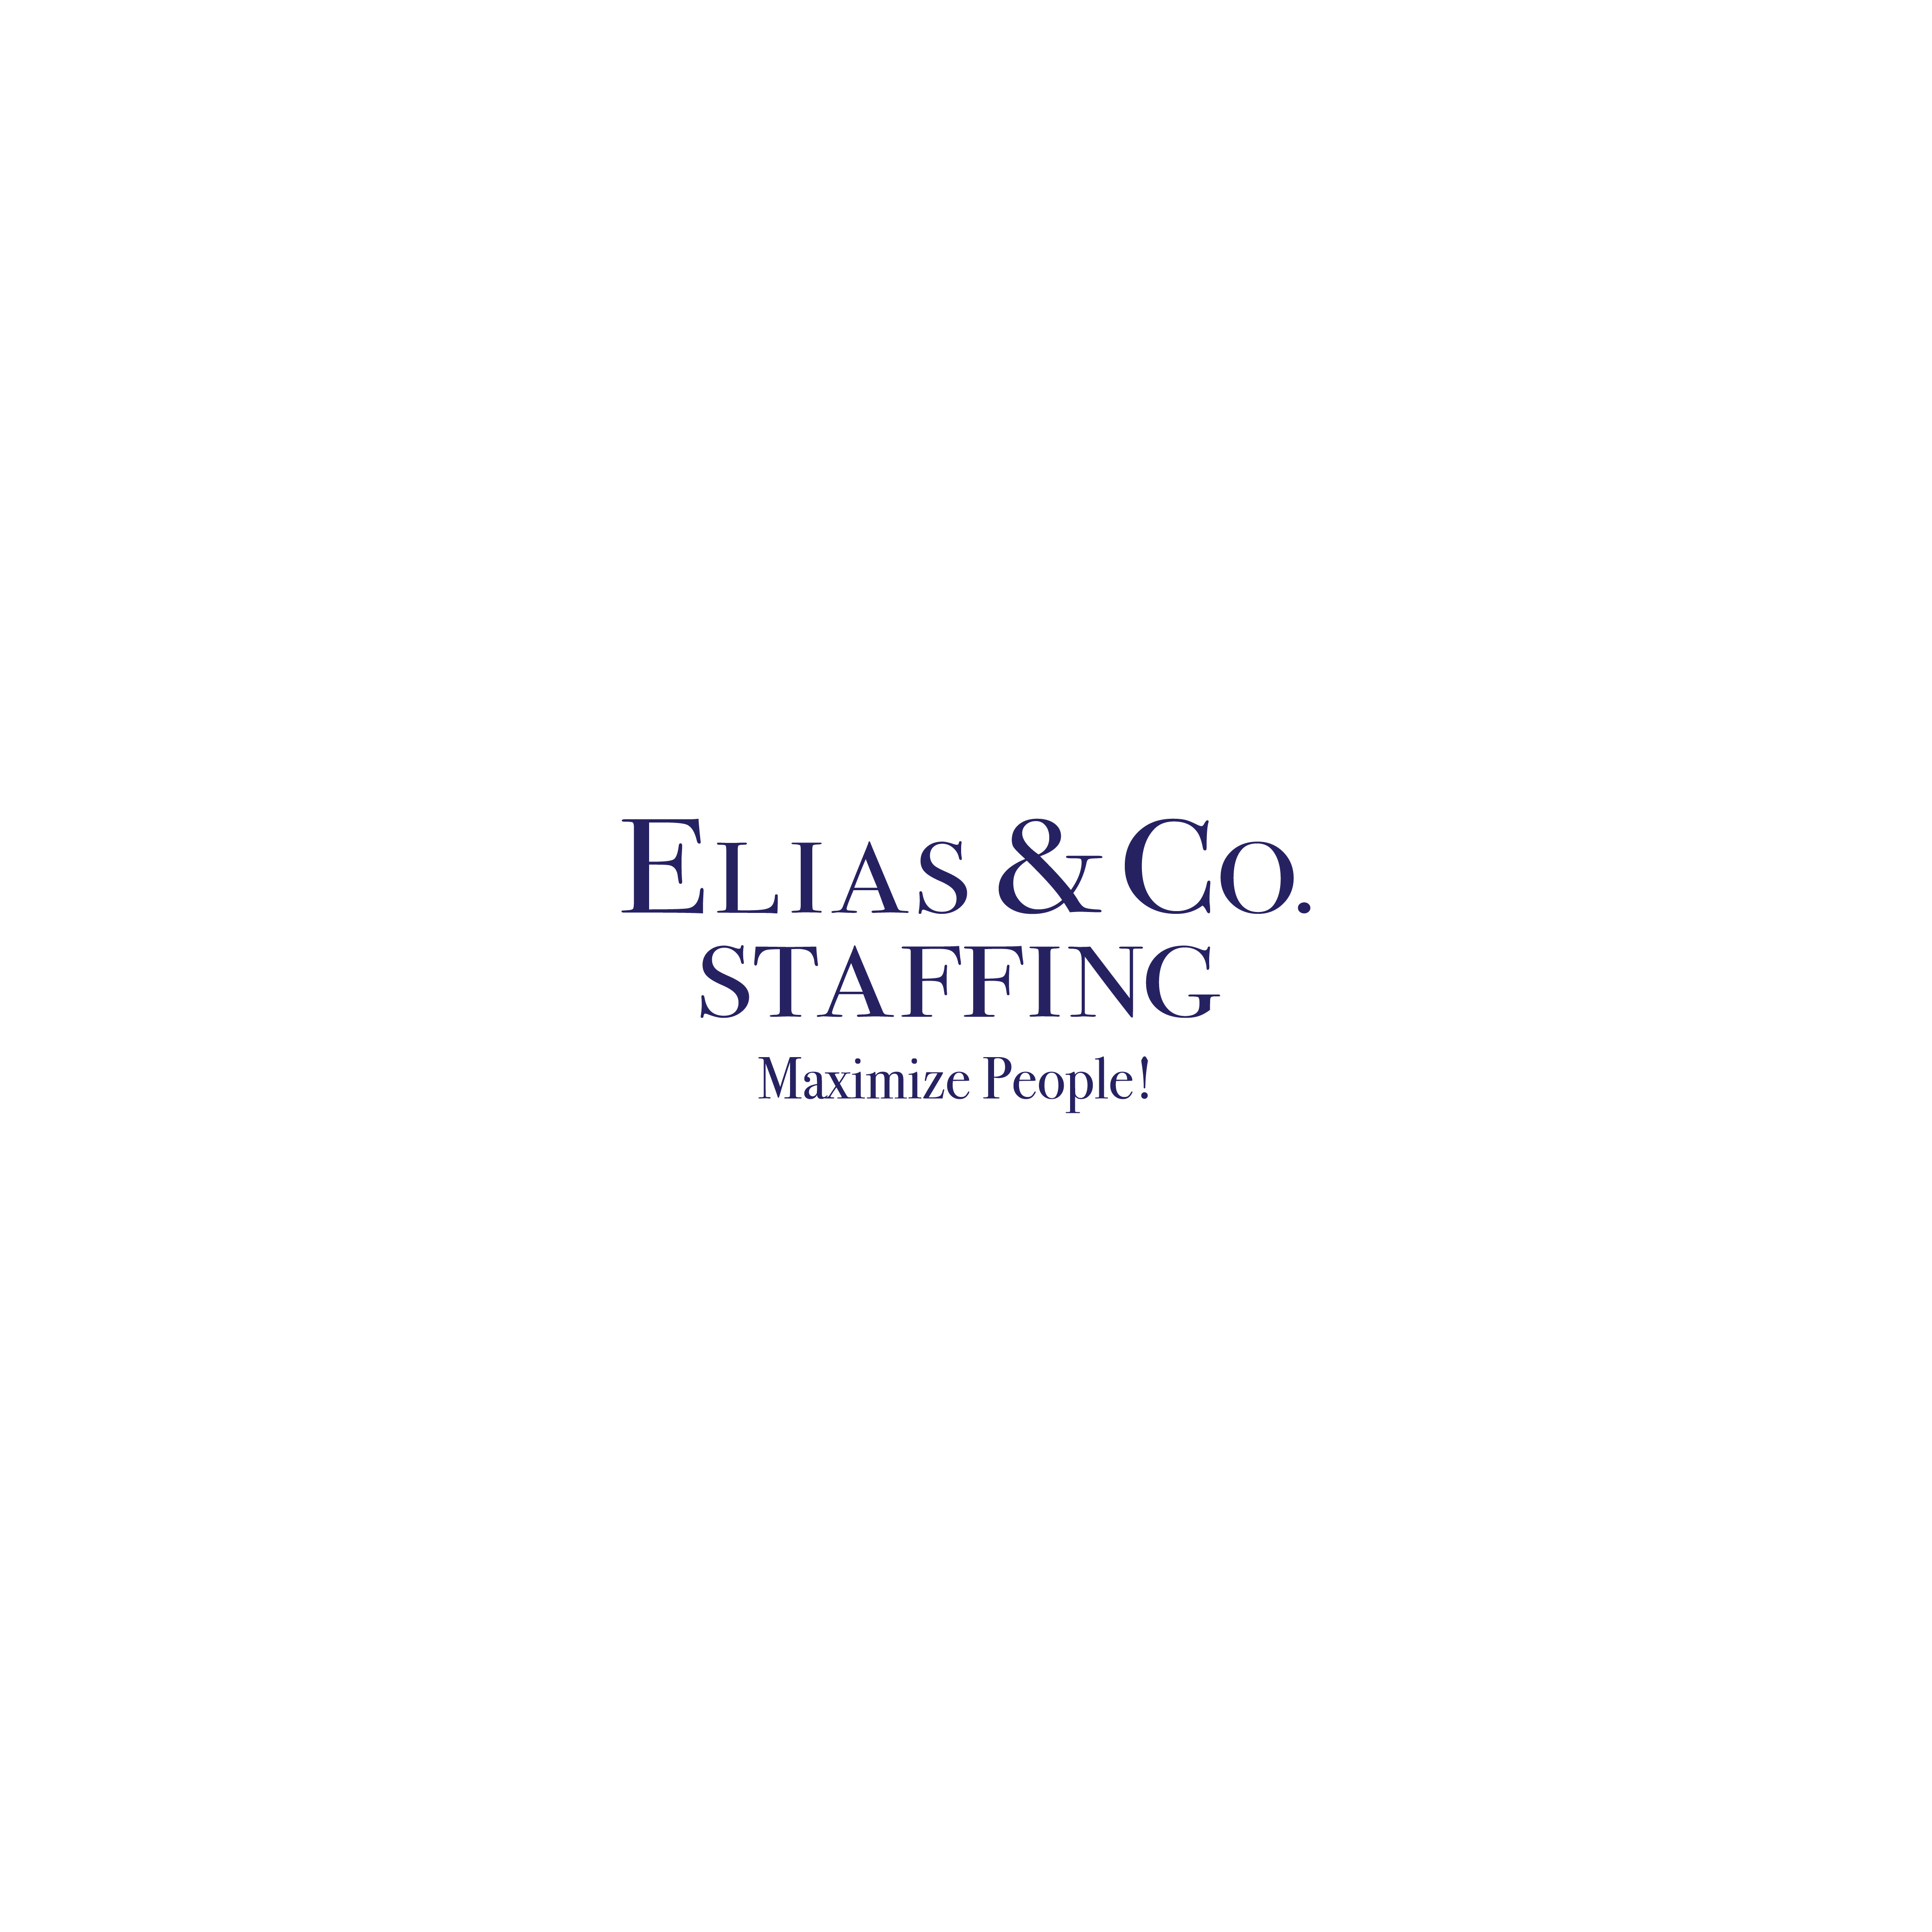 Elias & Co Staffing